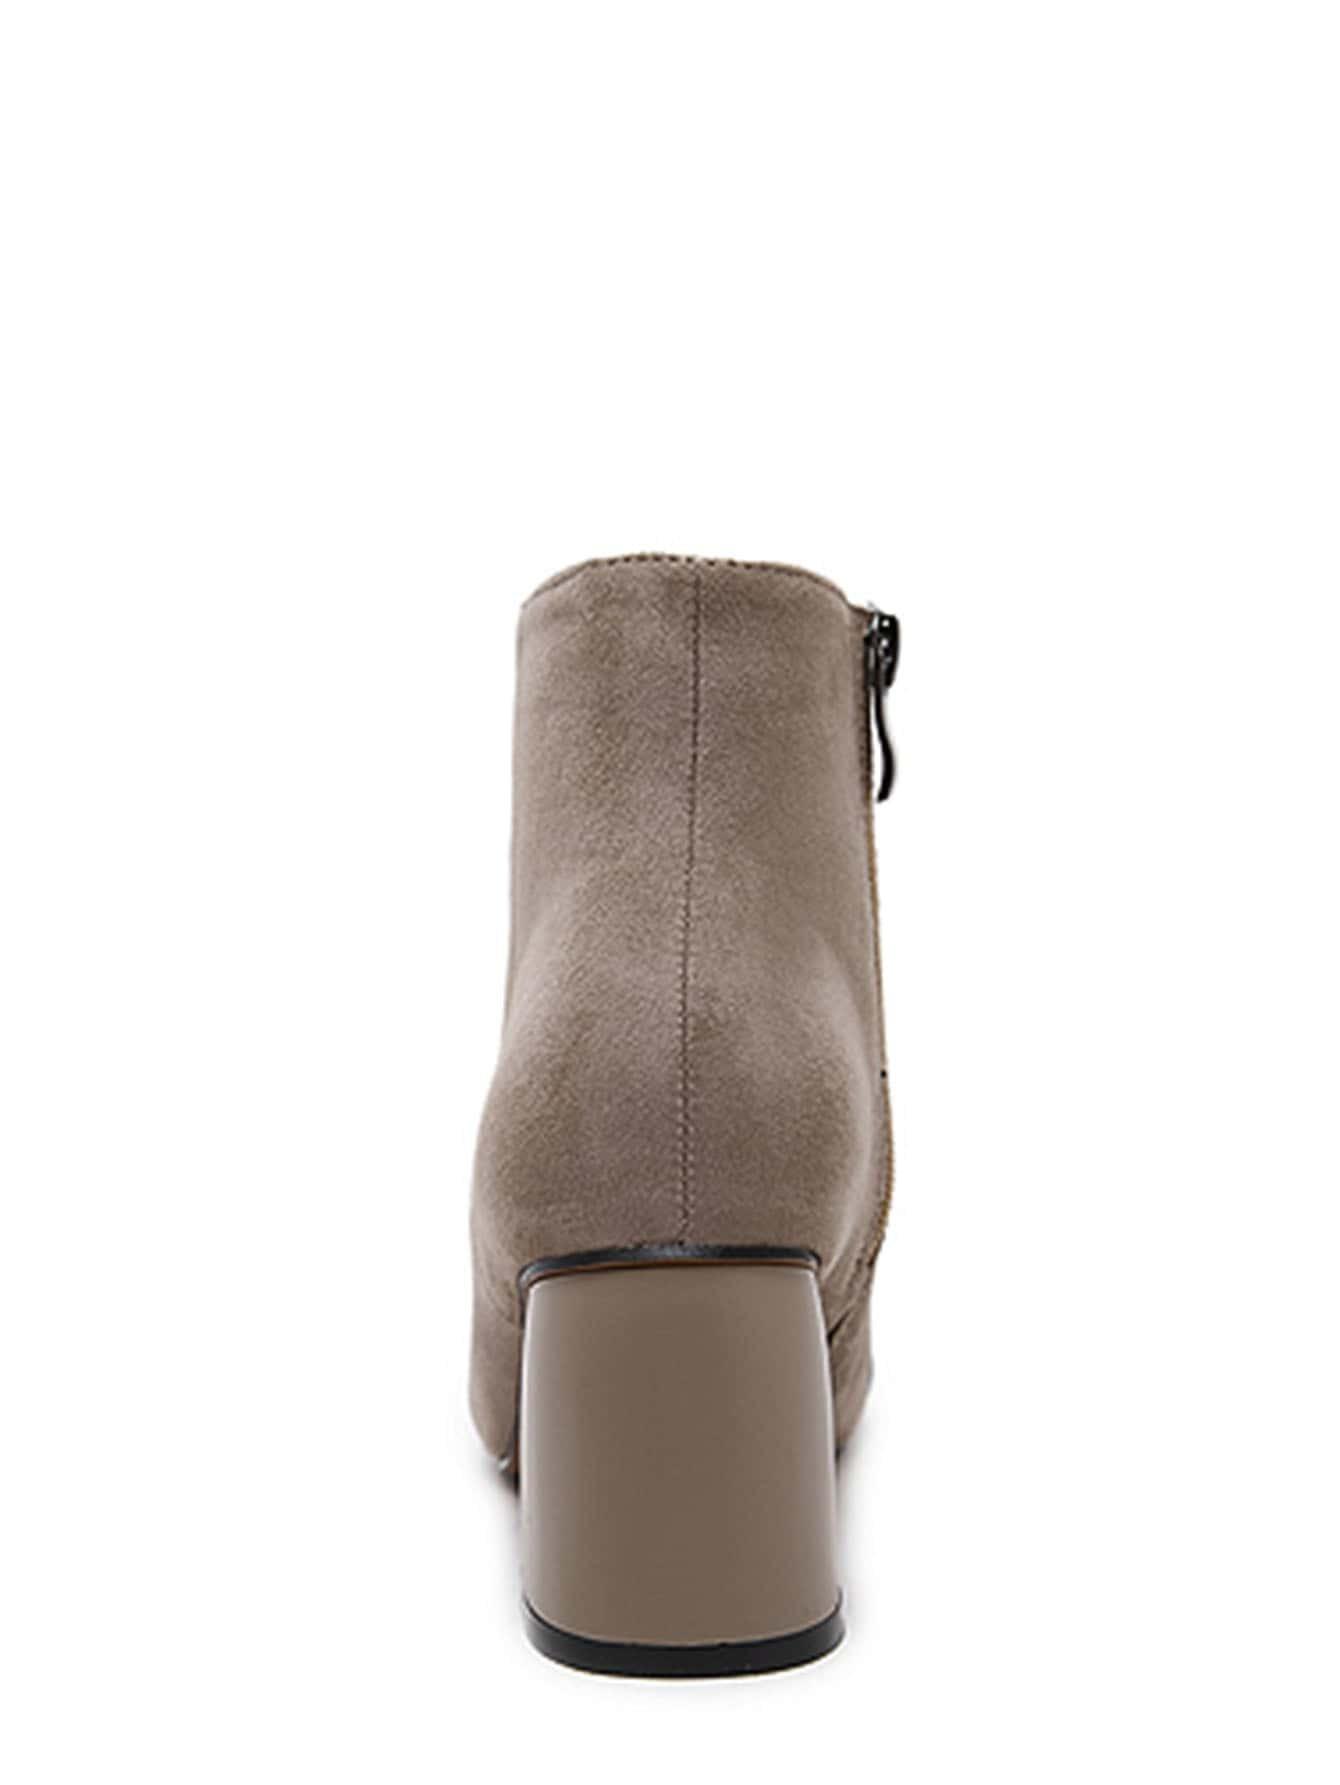 shoes161104809_2